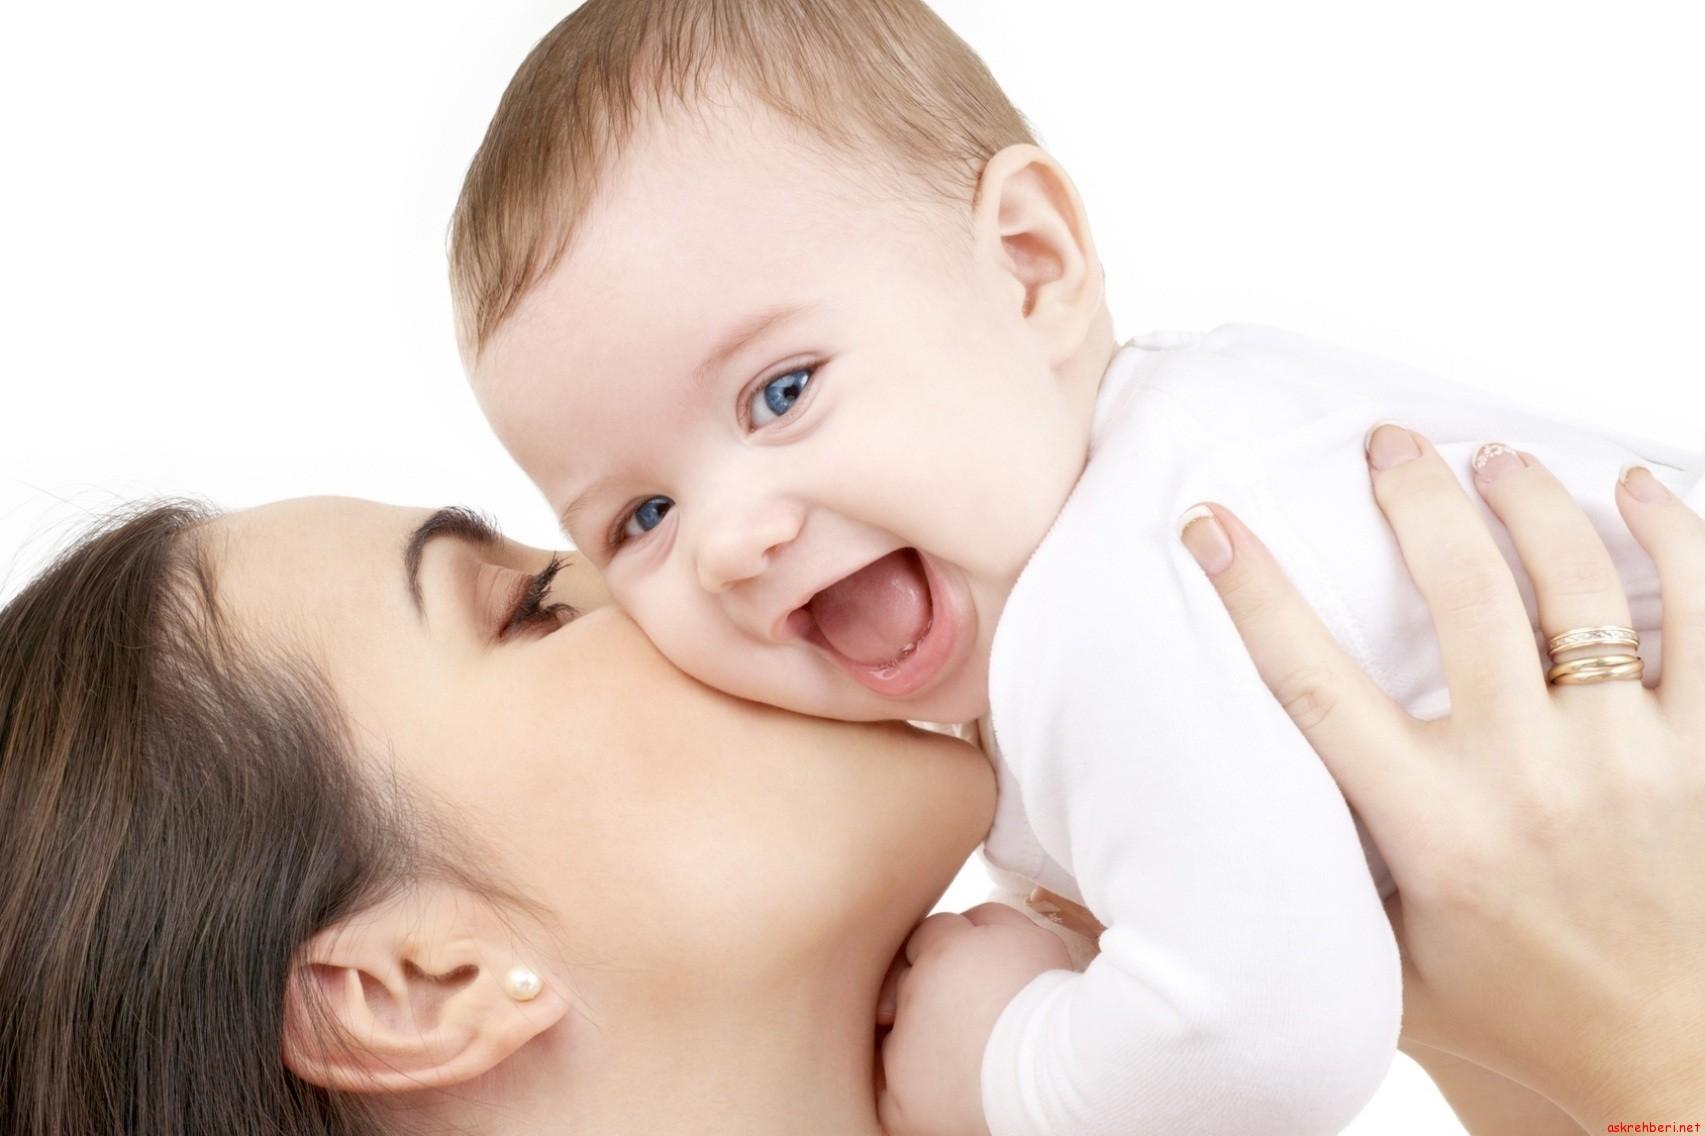 Mükemmel Annelik Var mı?